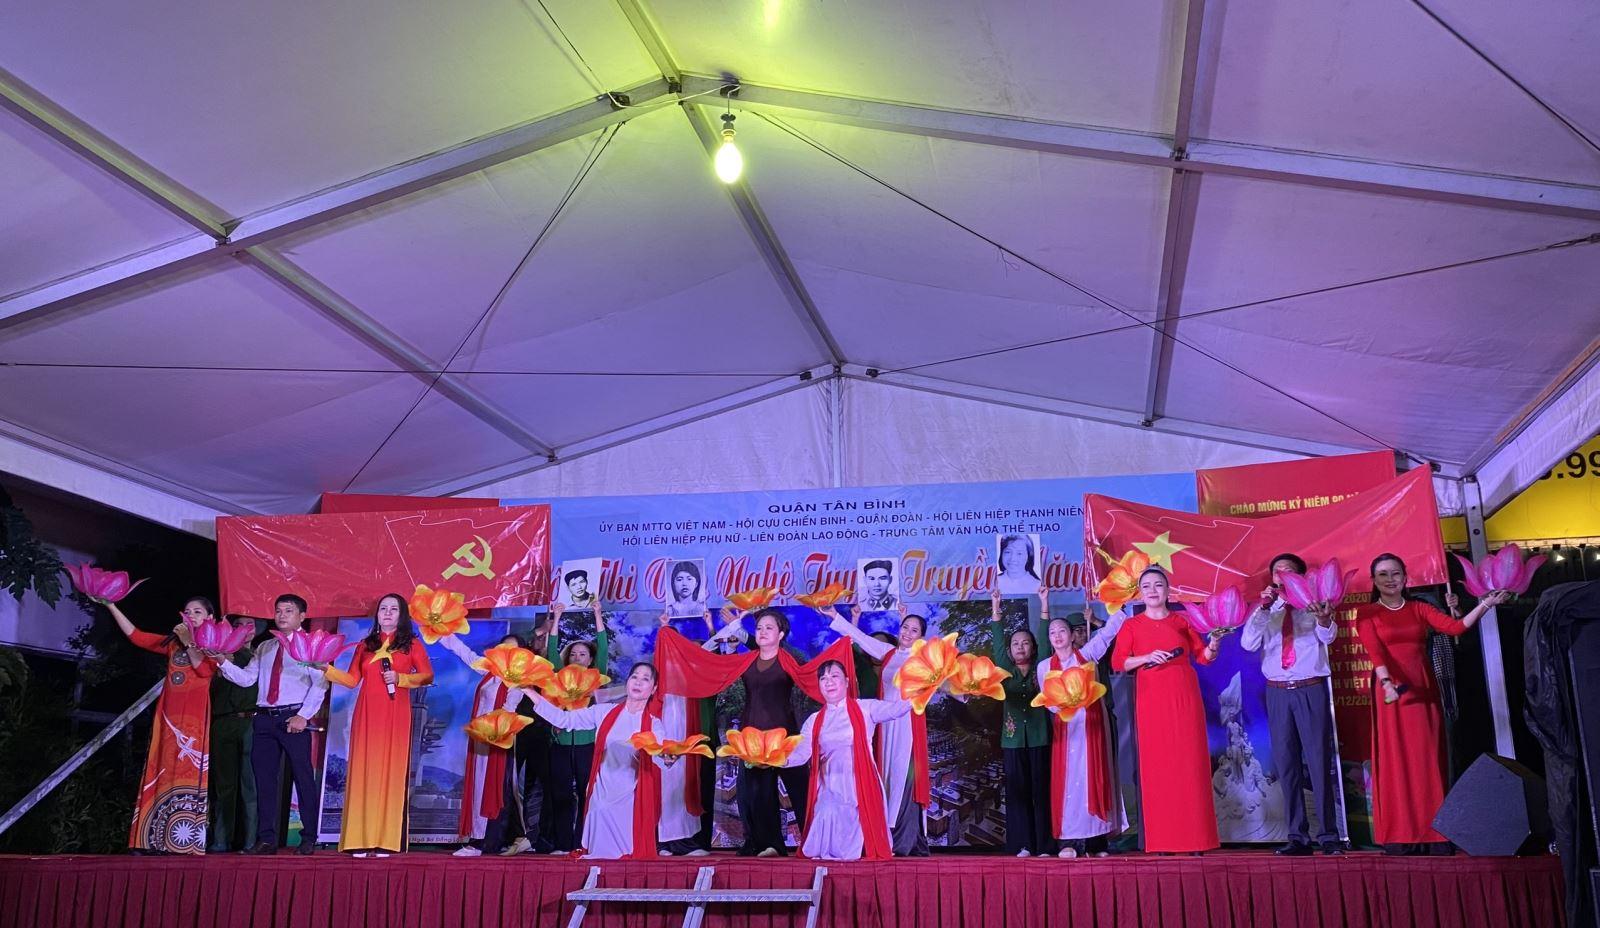 Tổ chức Hội thi Văn nghệ tuyên truyền quận Tân Bình lần thứ III năm 2020